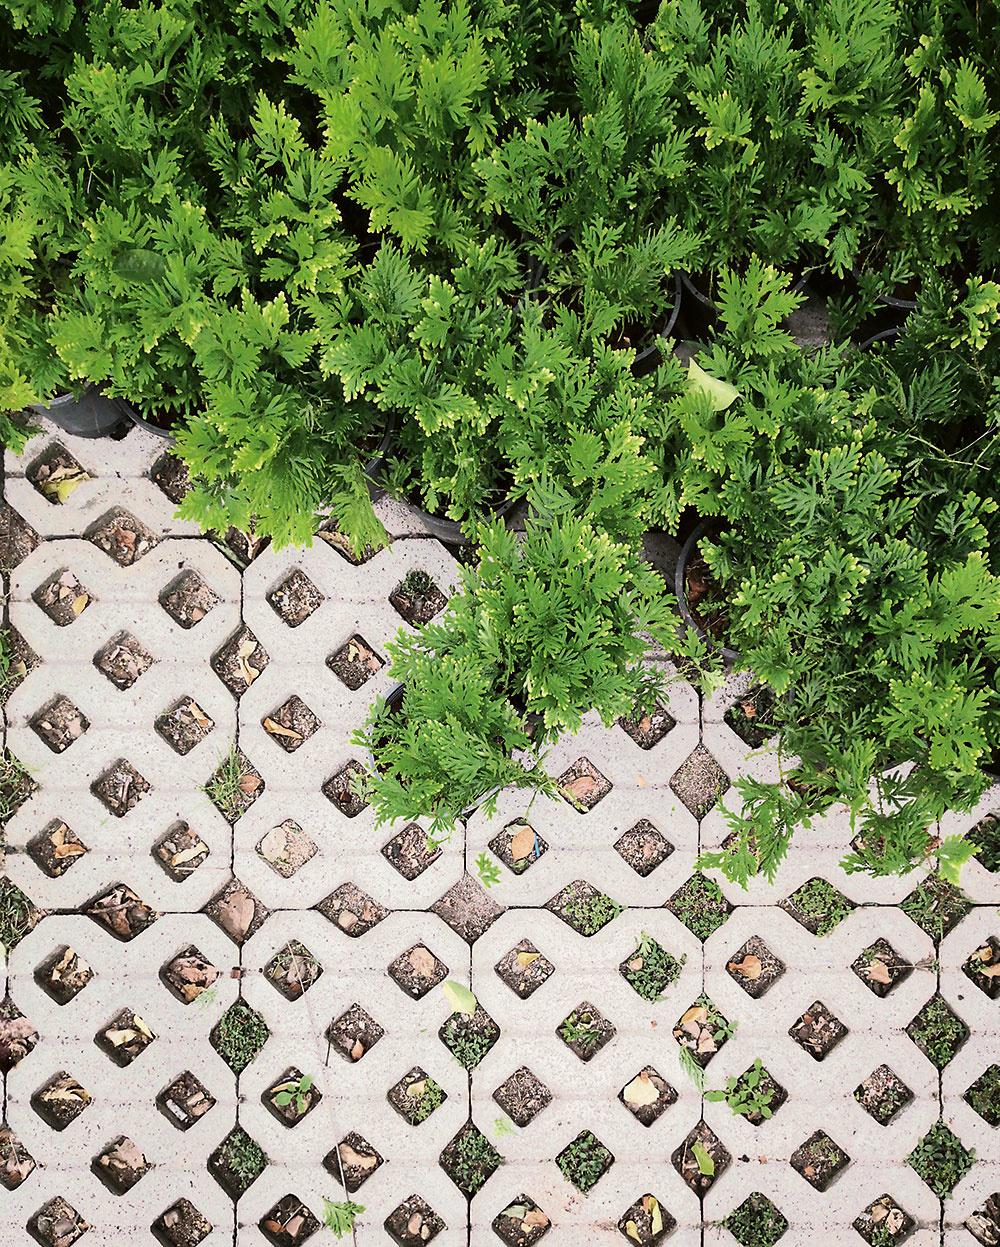 Pri výbere betónového podkladu máte viacero možností, jednou znajekologickejších je použitie zatrávňovacích tvárnic. Sú nielen výborným podkladom pre parkovací priestor, ale vytvoríte nimi ioniečo zelenší záhradný chodník. Zatrávňovacie tvárnice nájdete na www.hornbach.sk